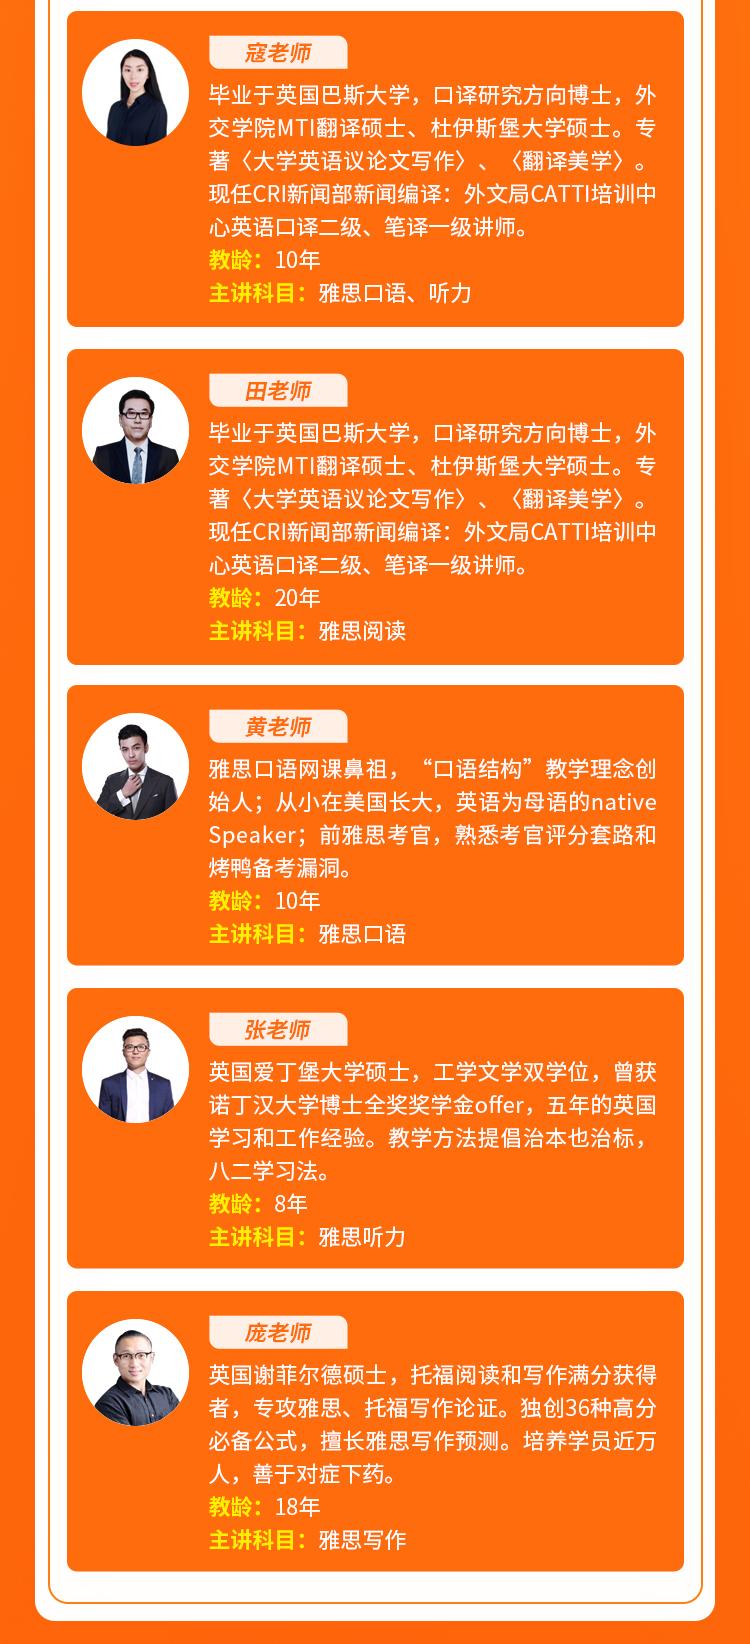 雅思名师基础班课程介绍图_04.jpg